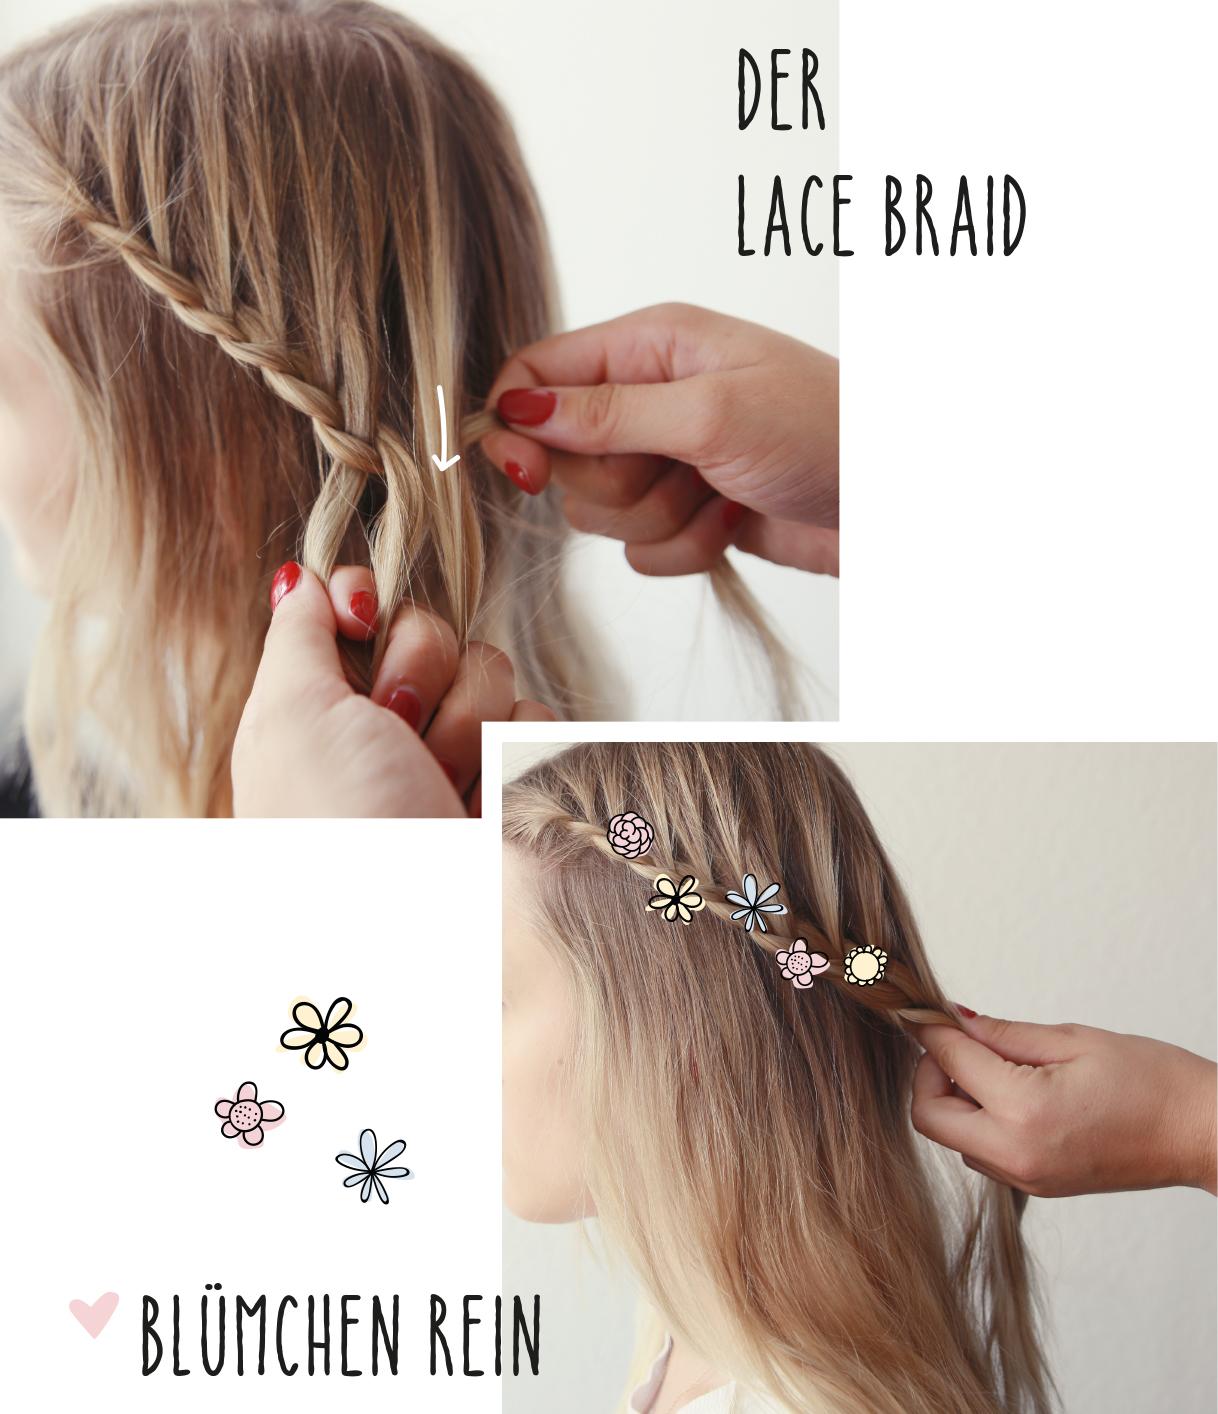 onod_lace_braid